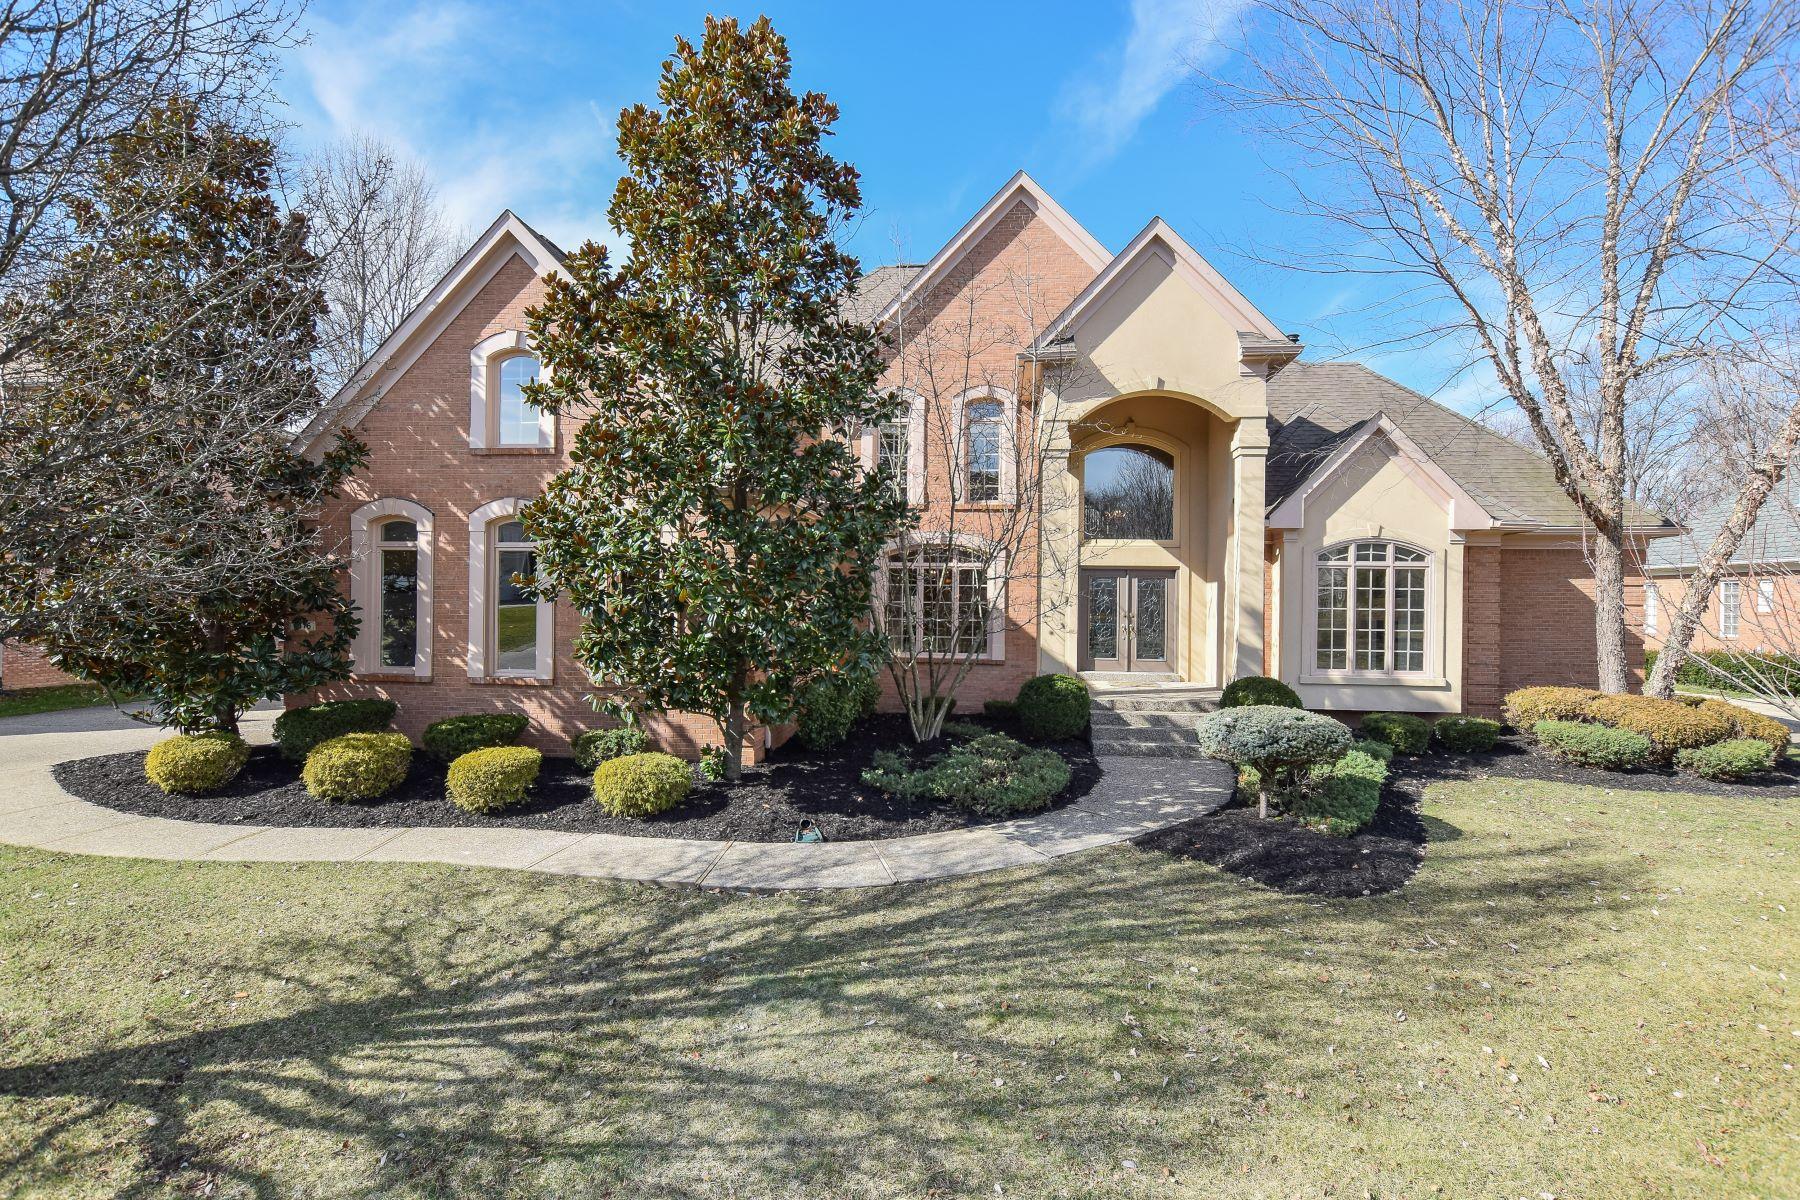 Maison unifamiliale pour l Vente à 7416 Wycliffe Drive Prospect, Kentucky, 40059 États-Unis